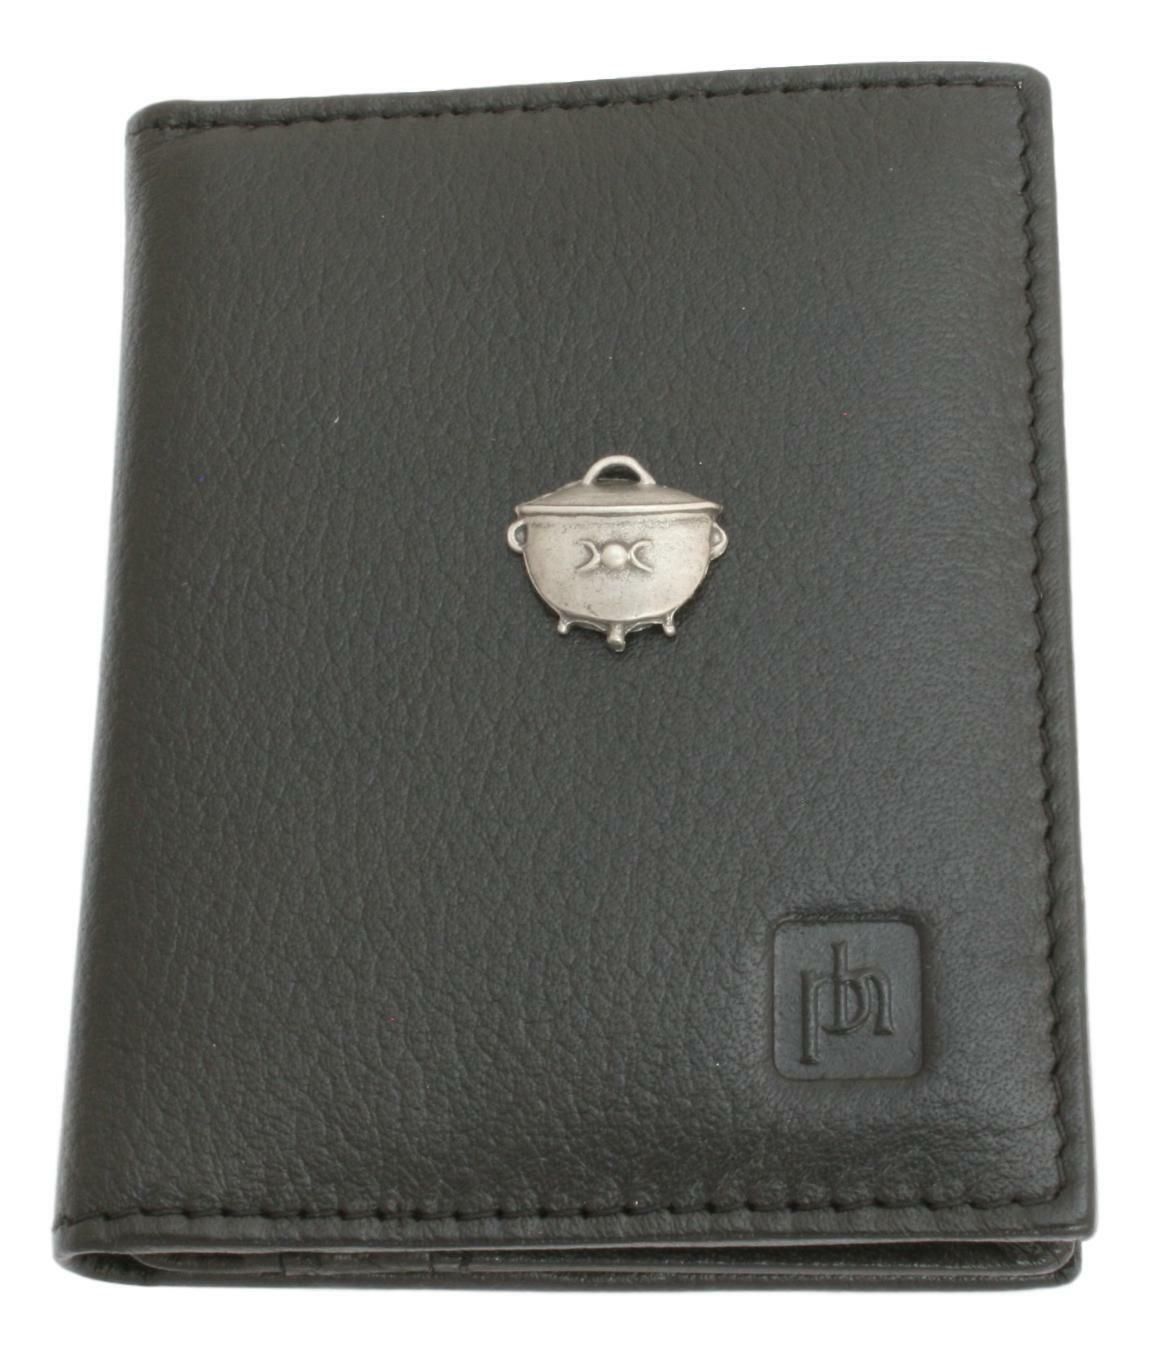 Cauldron Bifold Card Holder Leather Black Wallet RFID Safe 409